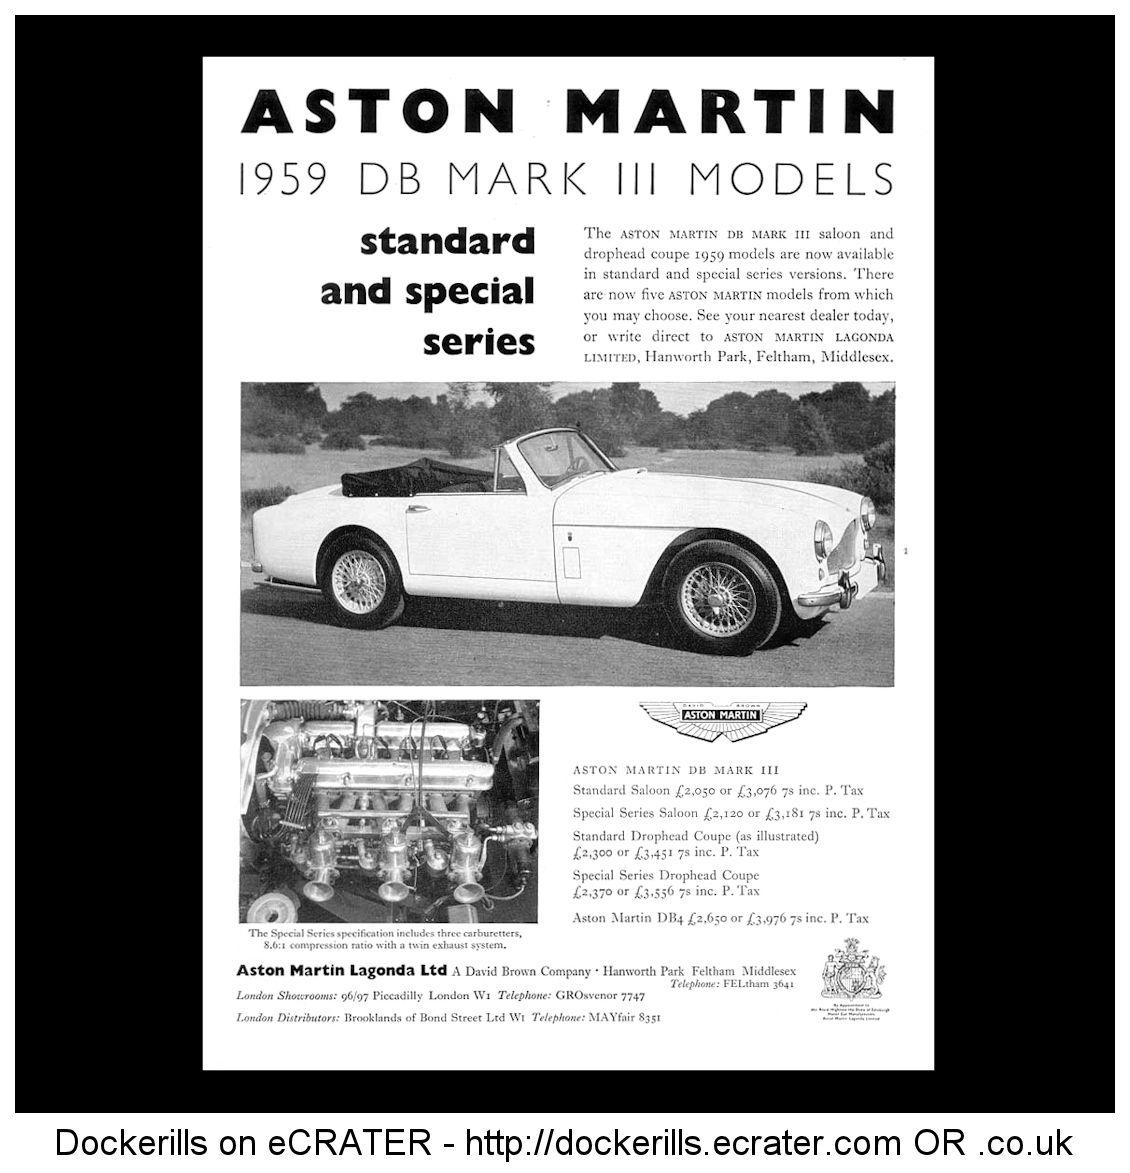 Aston Martin Advert Aston Martin Db Mark Iii Advert 1959 Aston